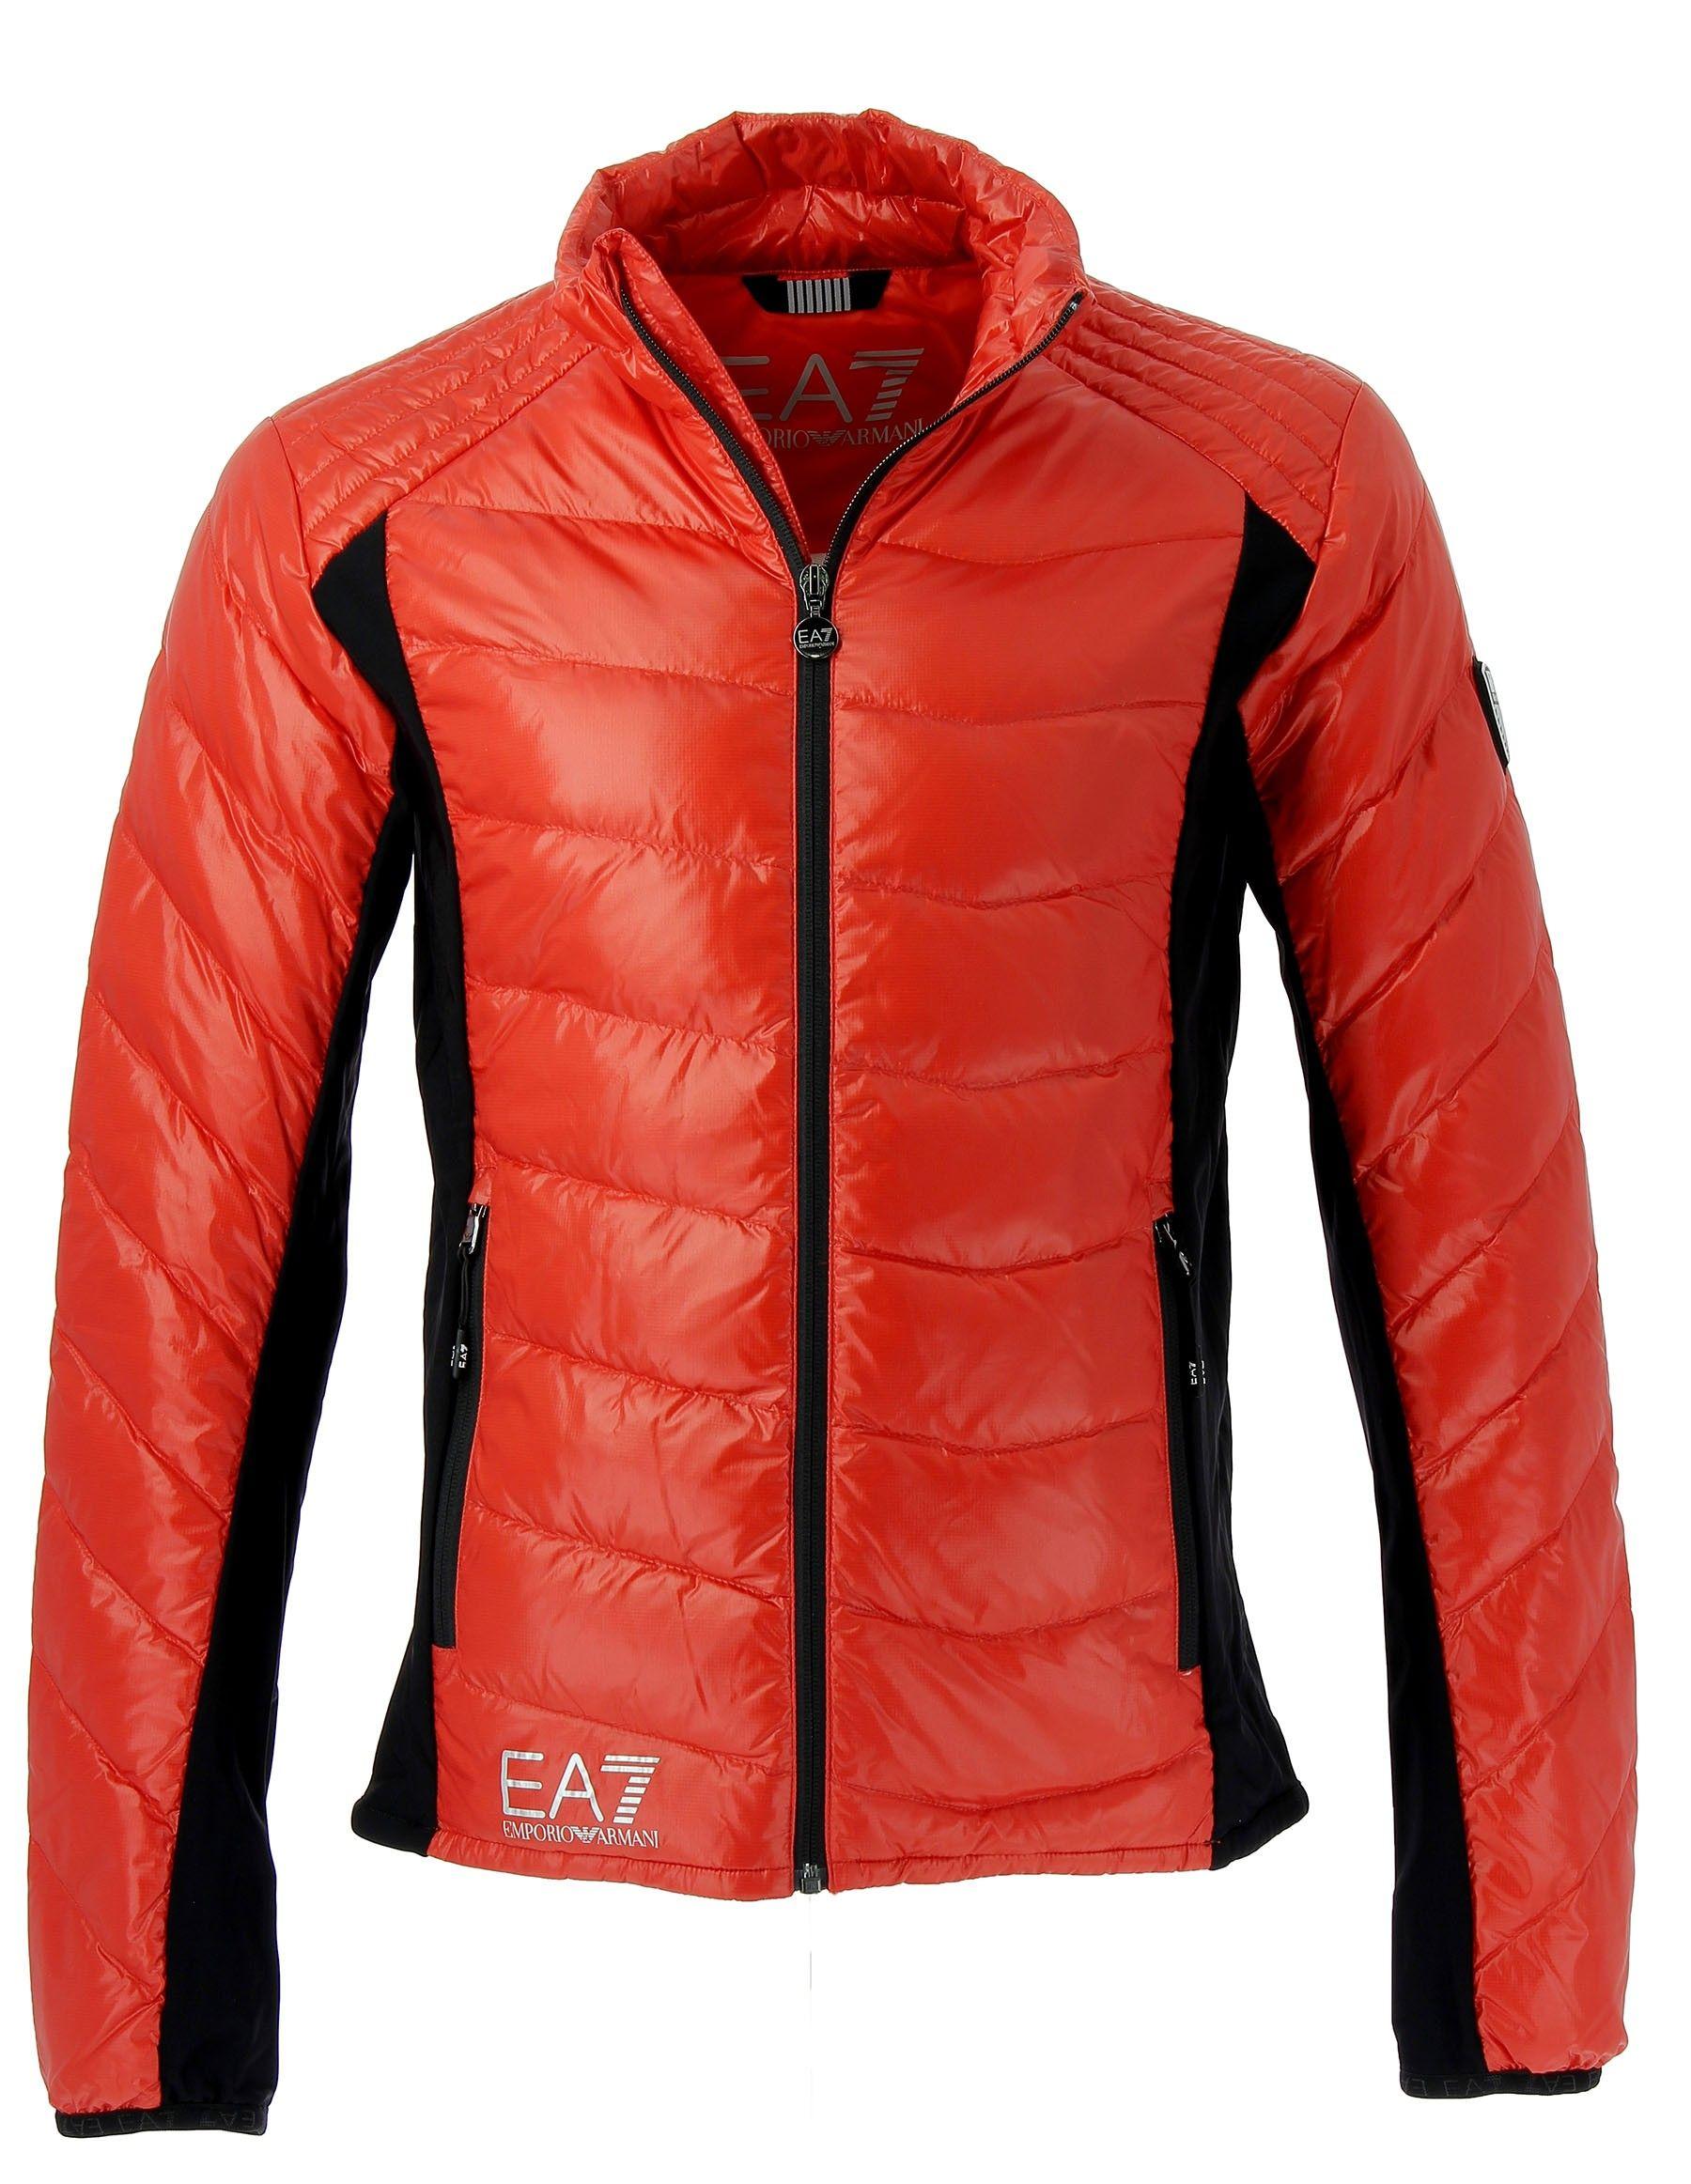 Doudoune EA7 Down Jacket Emporio Armani - Pegashoes 770eb250629